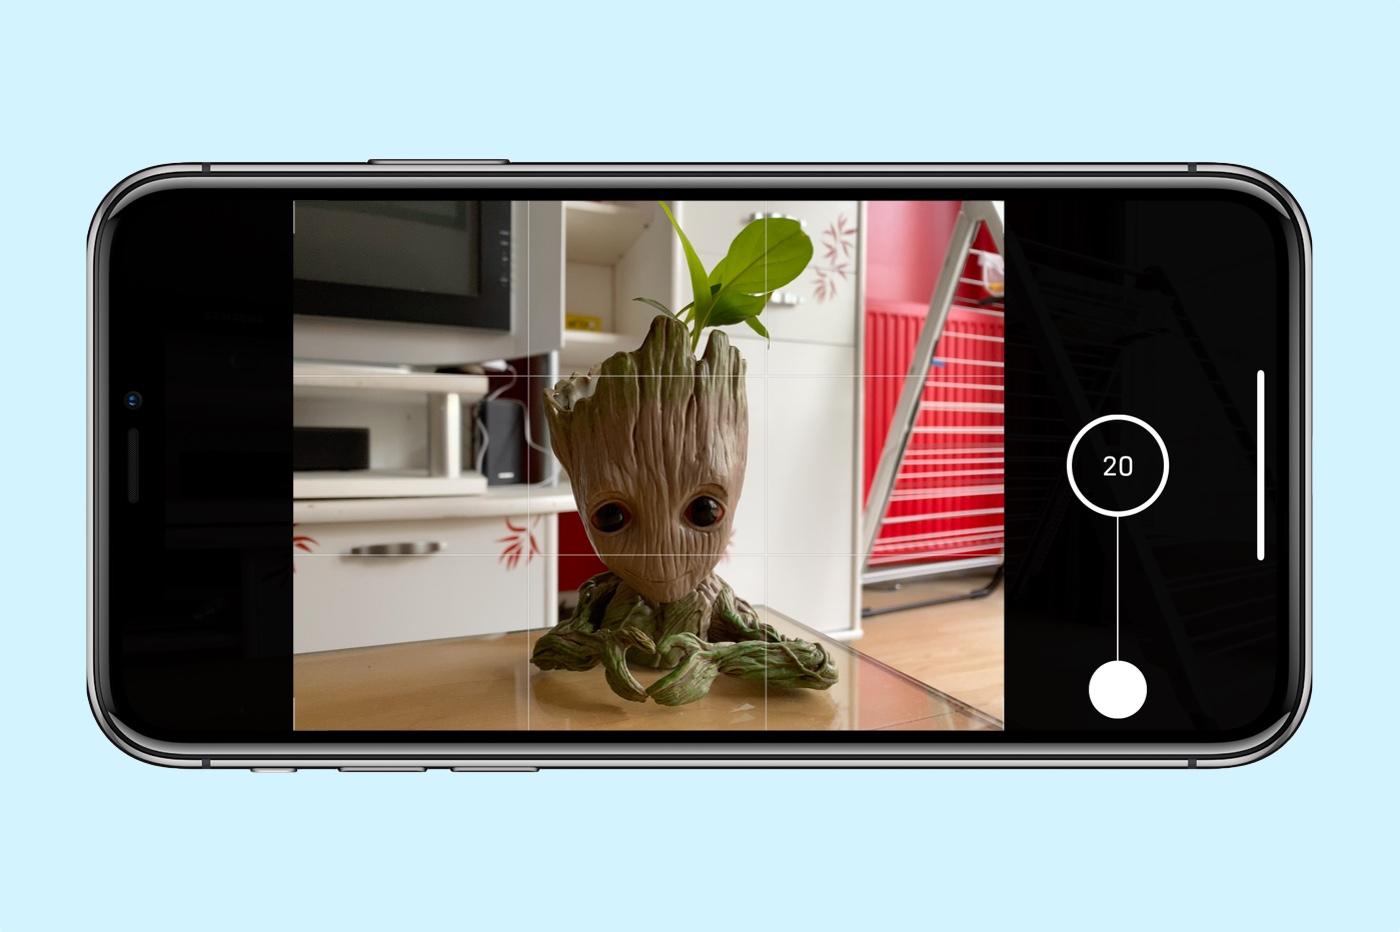 mode photos en rafale sur iPhone 11 et 11 Pro